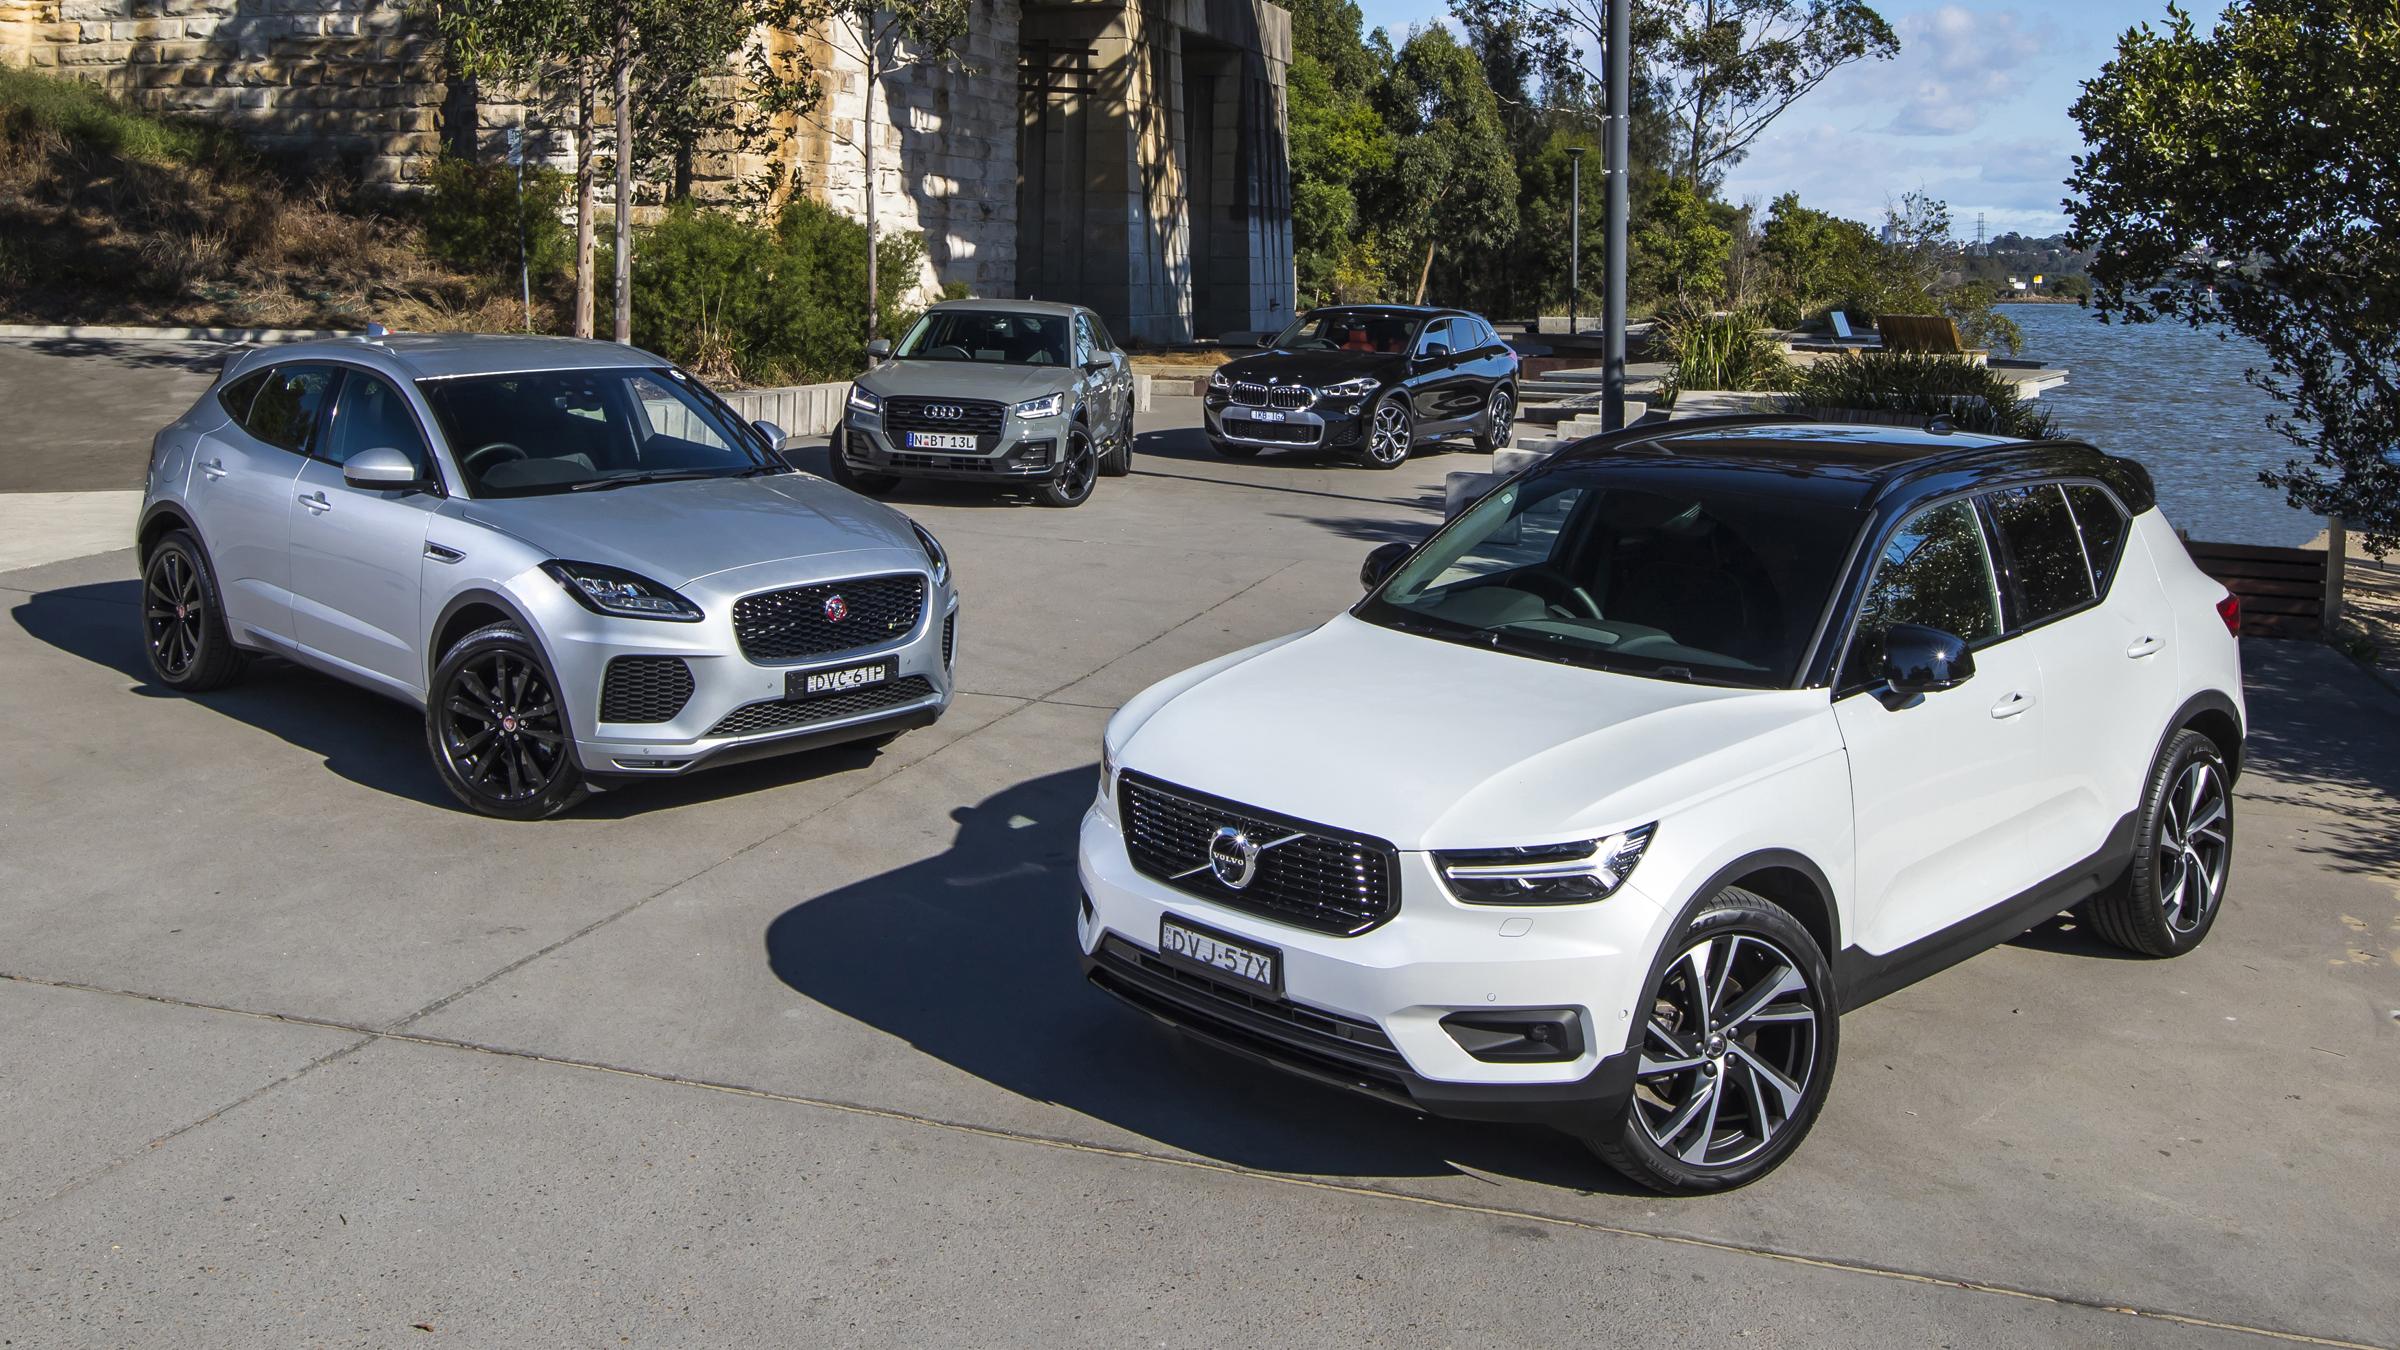 2018 Volvo XC40 v BMW X2 v Jaguar E-Pace v Audi Q2 comparison test